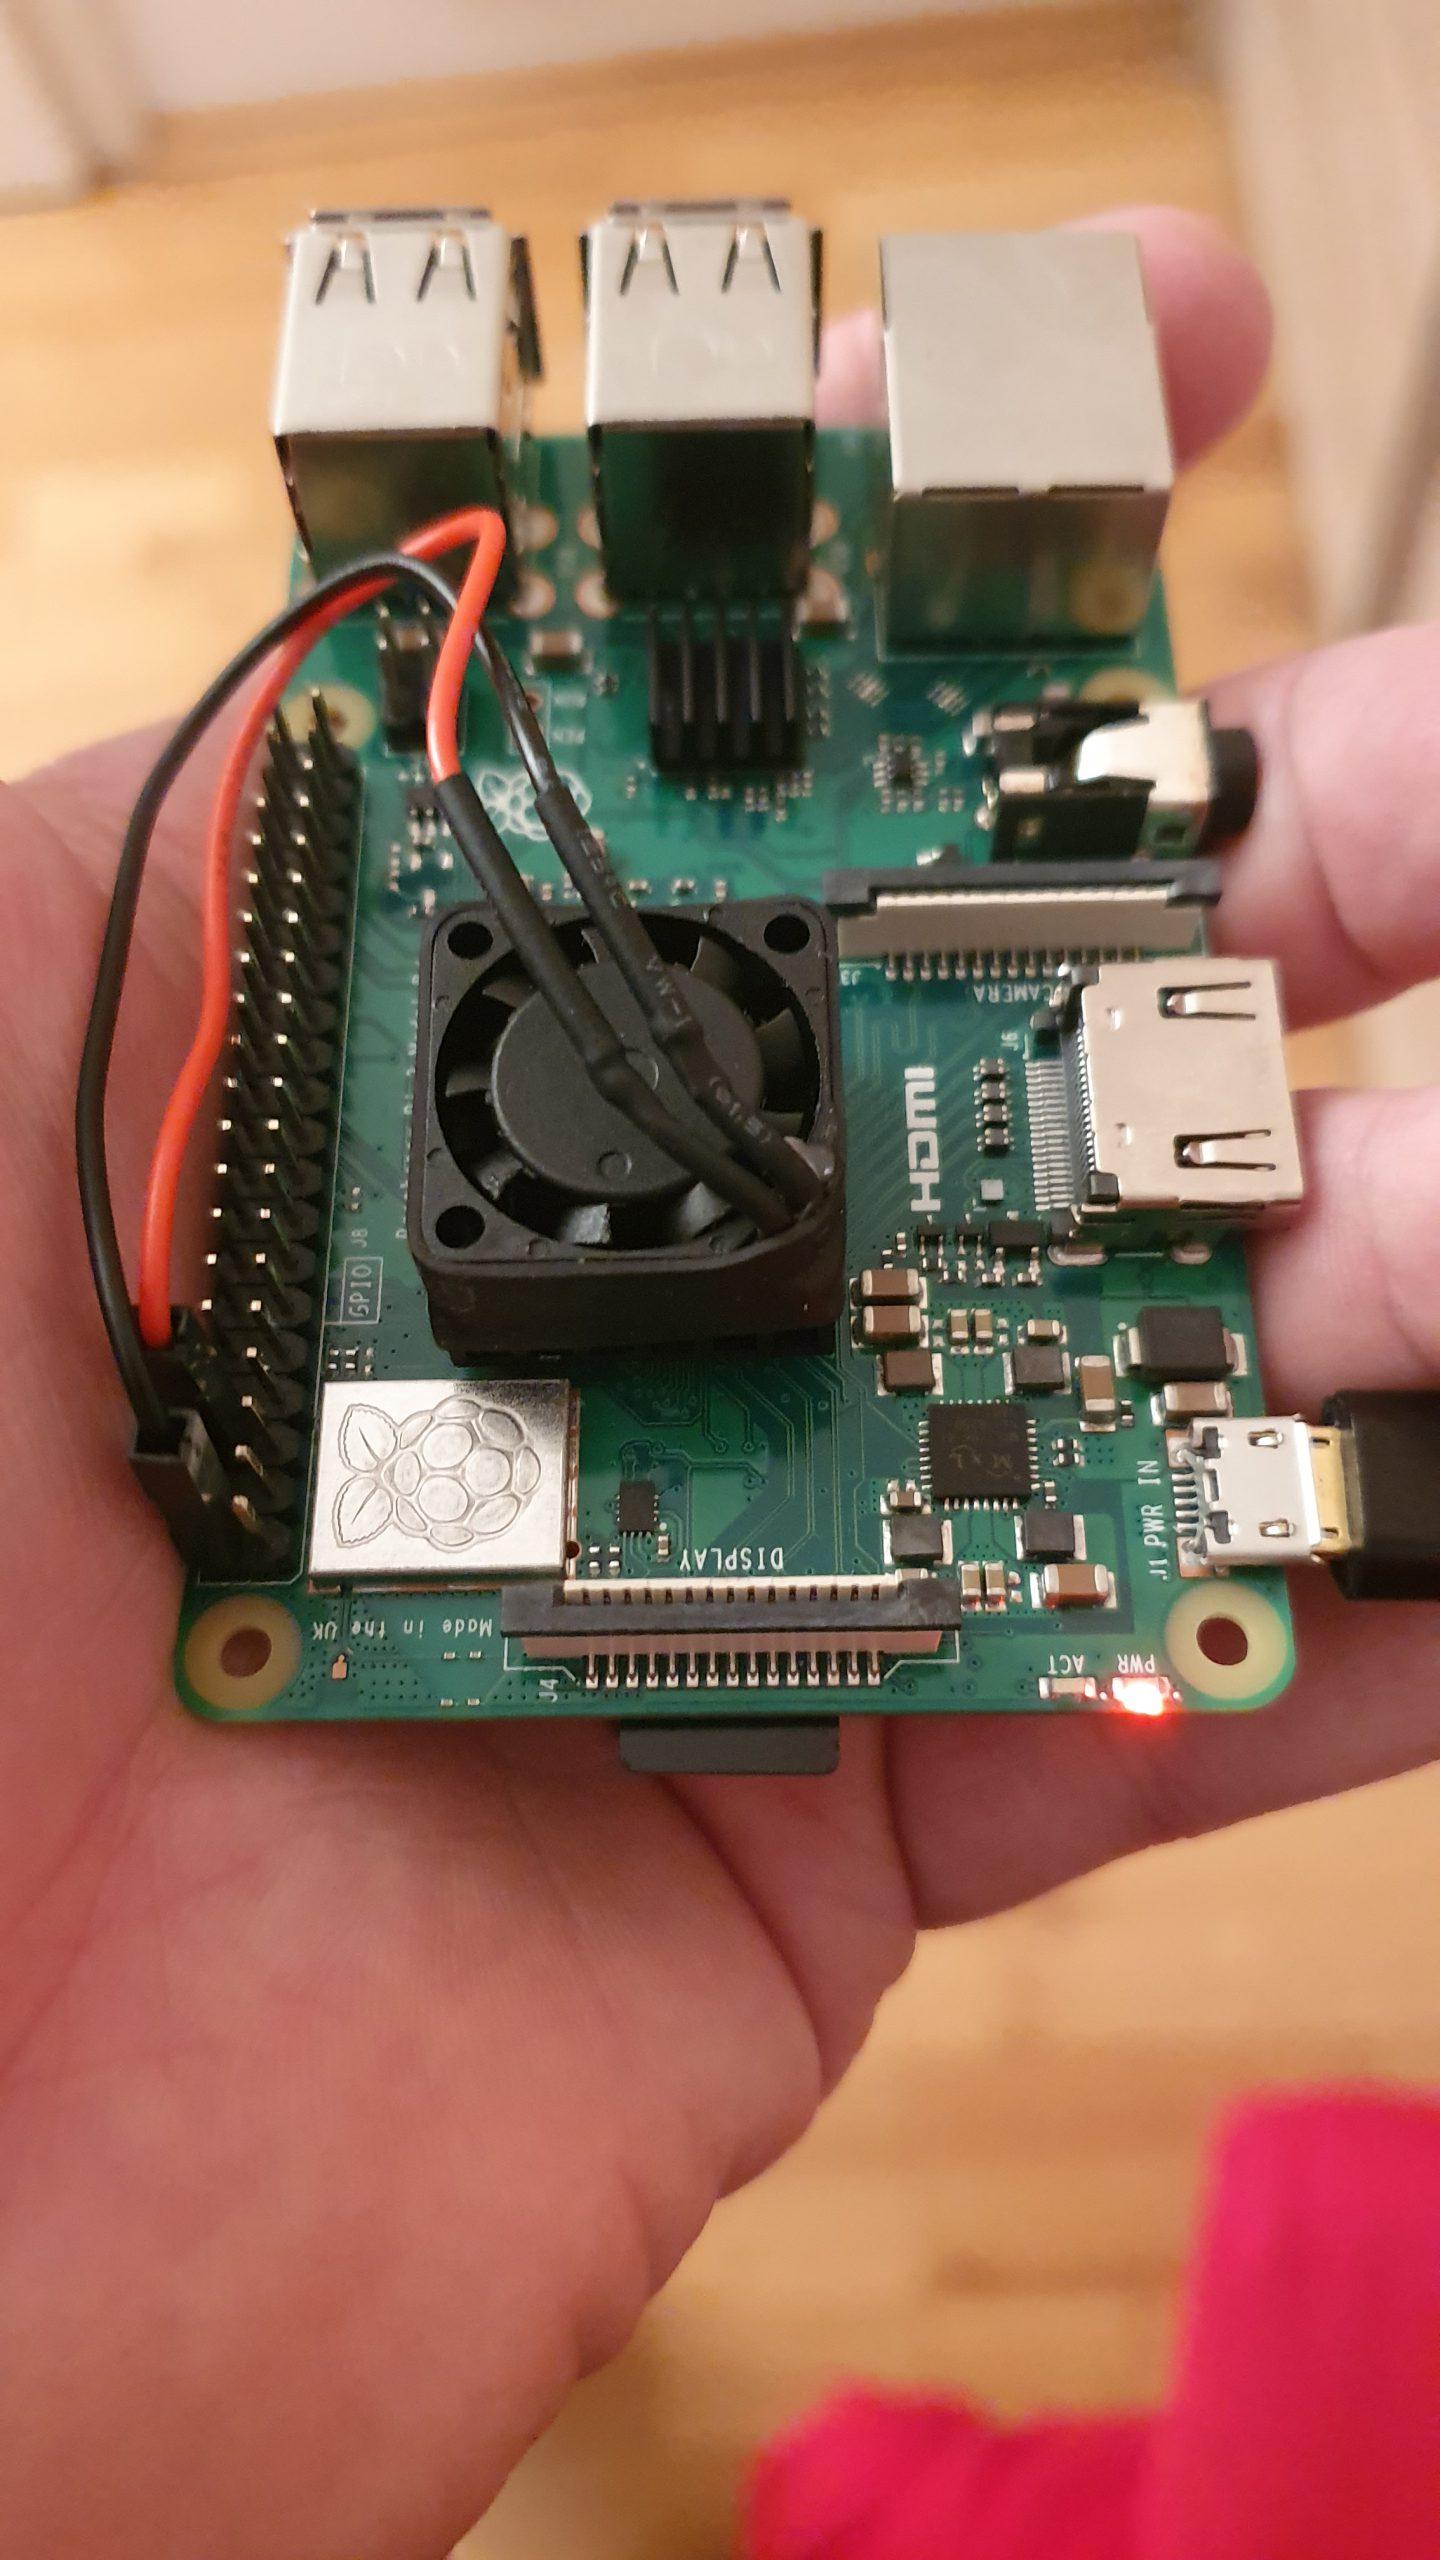 Ich glaube ich habe mein zweites Raspberry Pi 3b + Board geschrottet